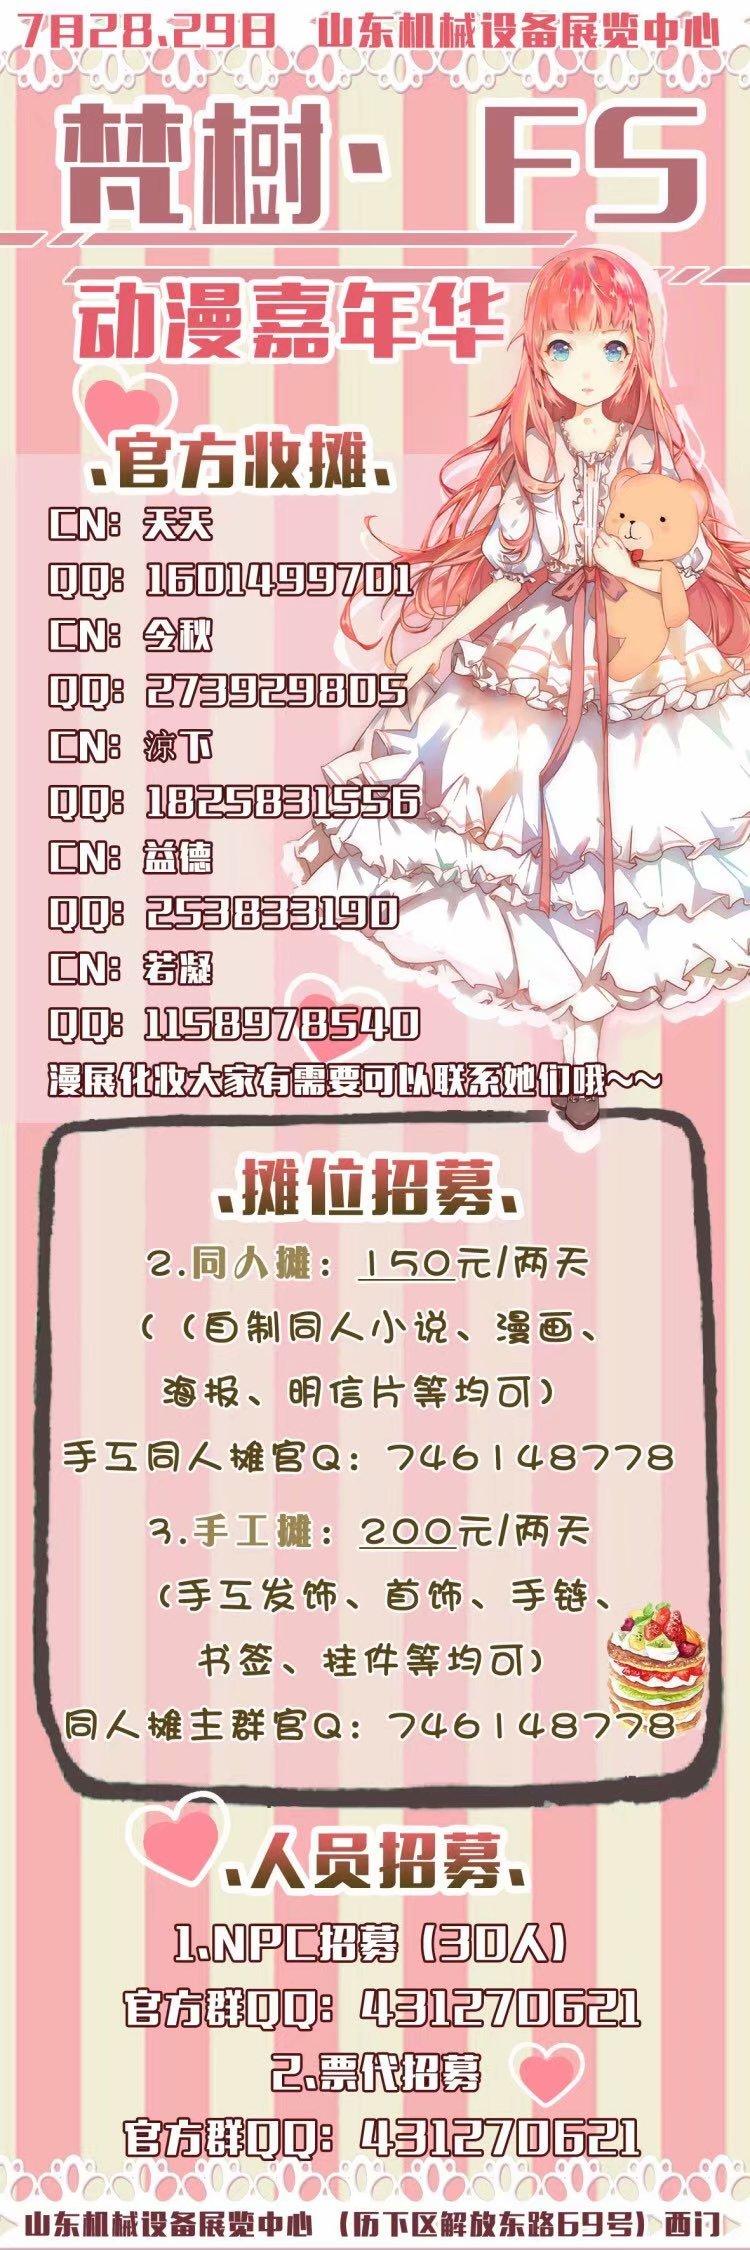 梵樹·FS动漫嘉年华三宣放出!一起来玩耍吧~-C3动漫网